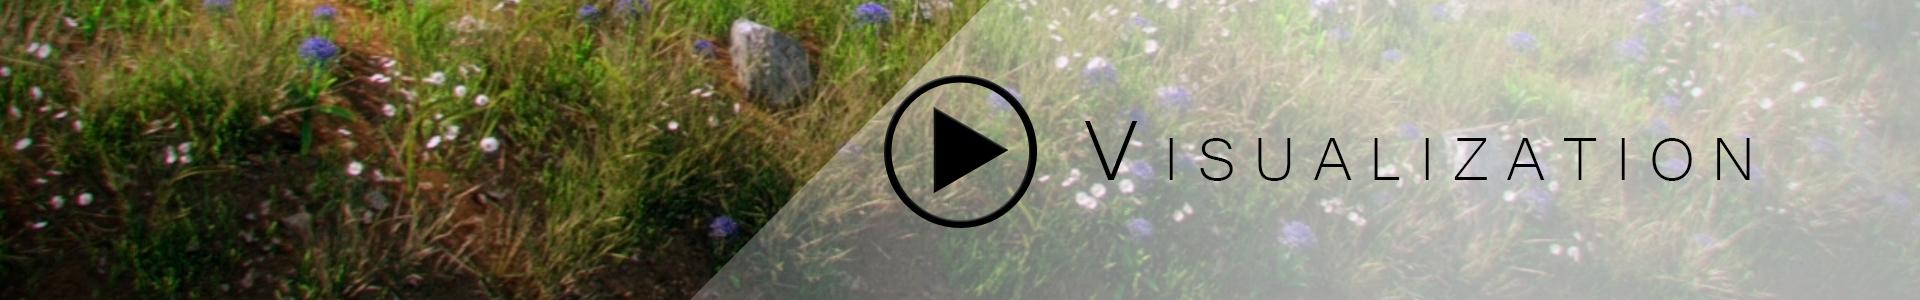 websiteMovieButton_Visualization